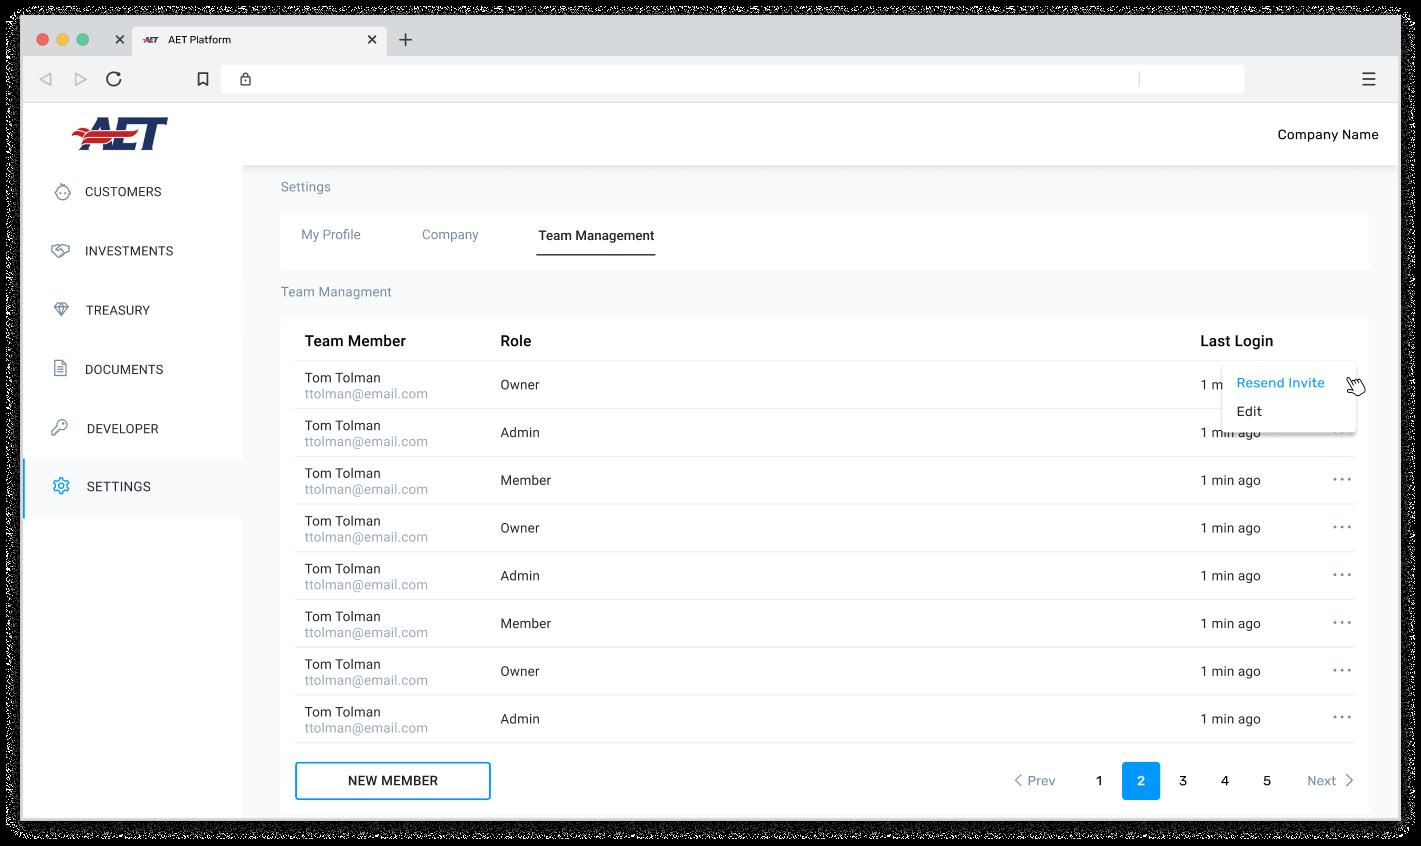 platform screenshot of settings view